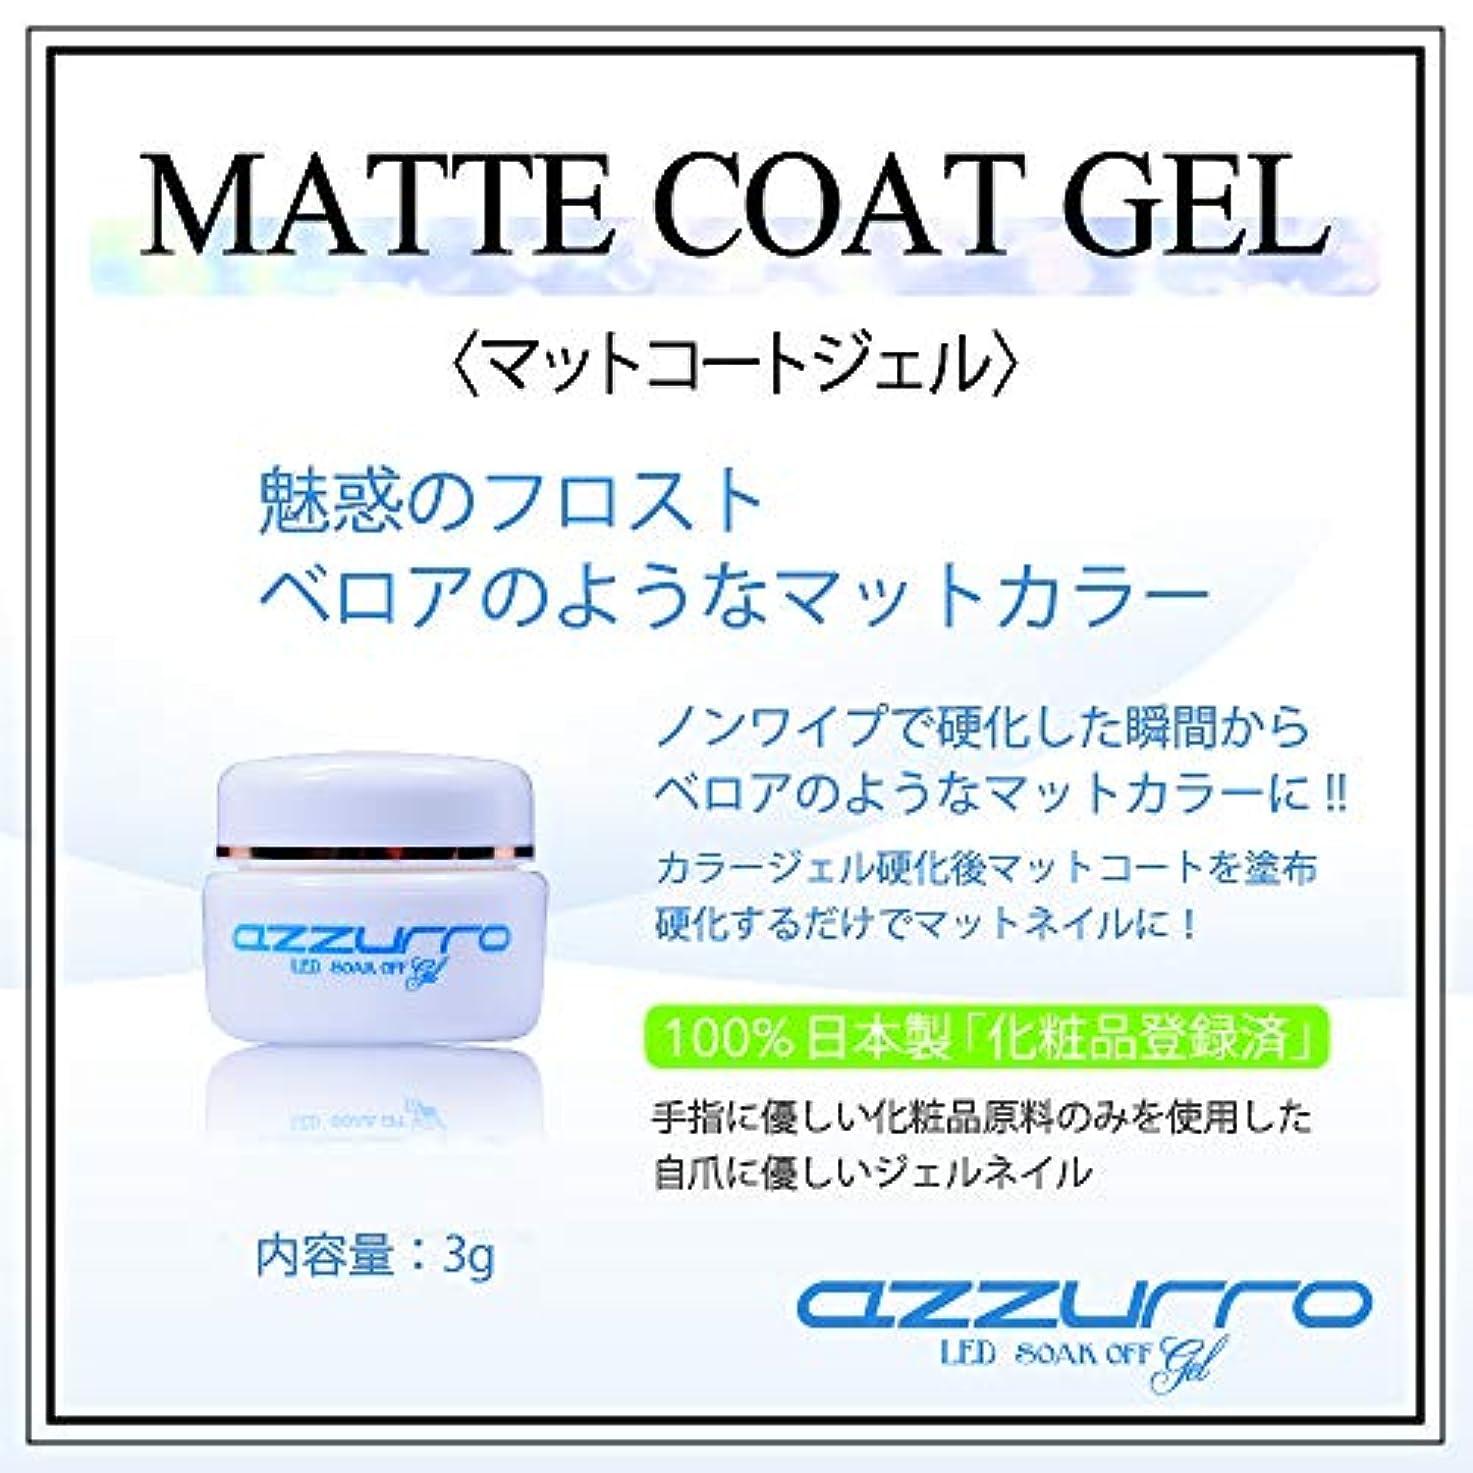 検索浜辺影響azzurro マットコートジェル 3g